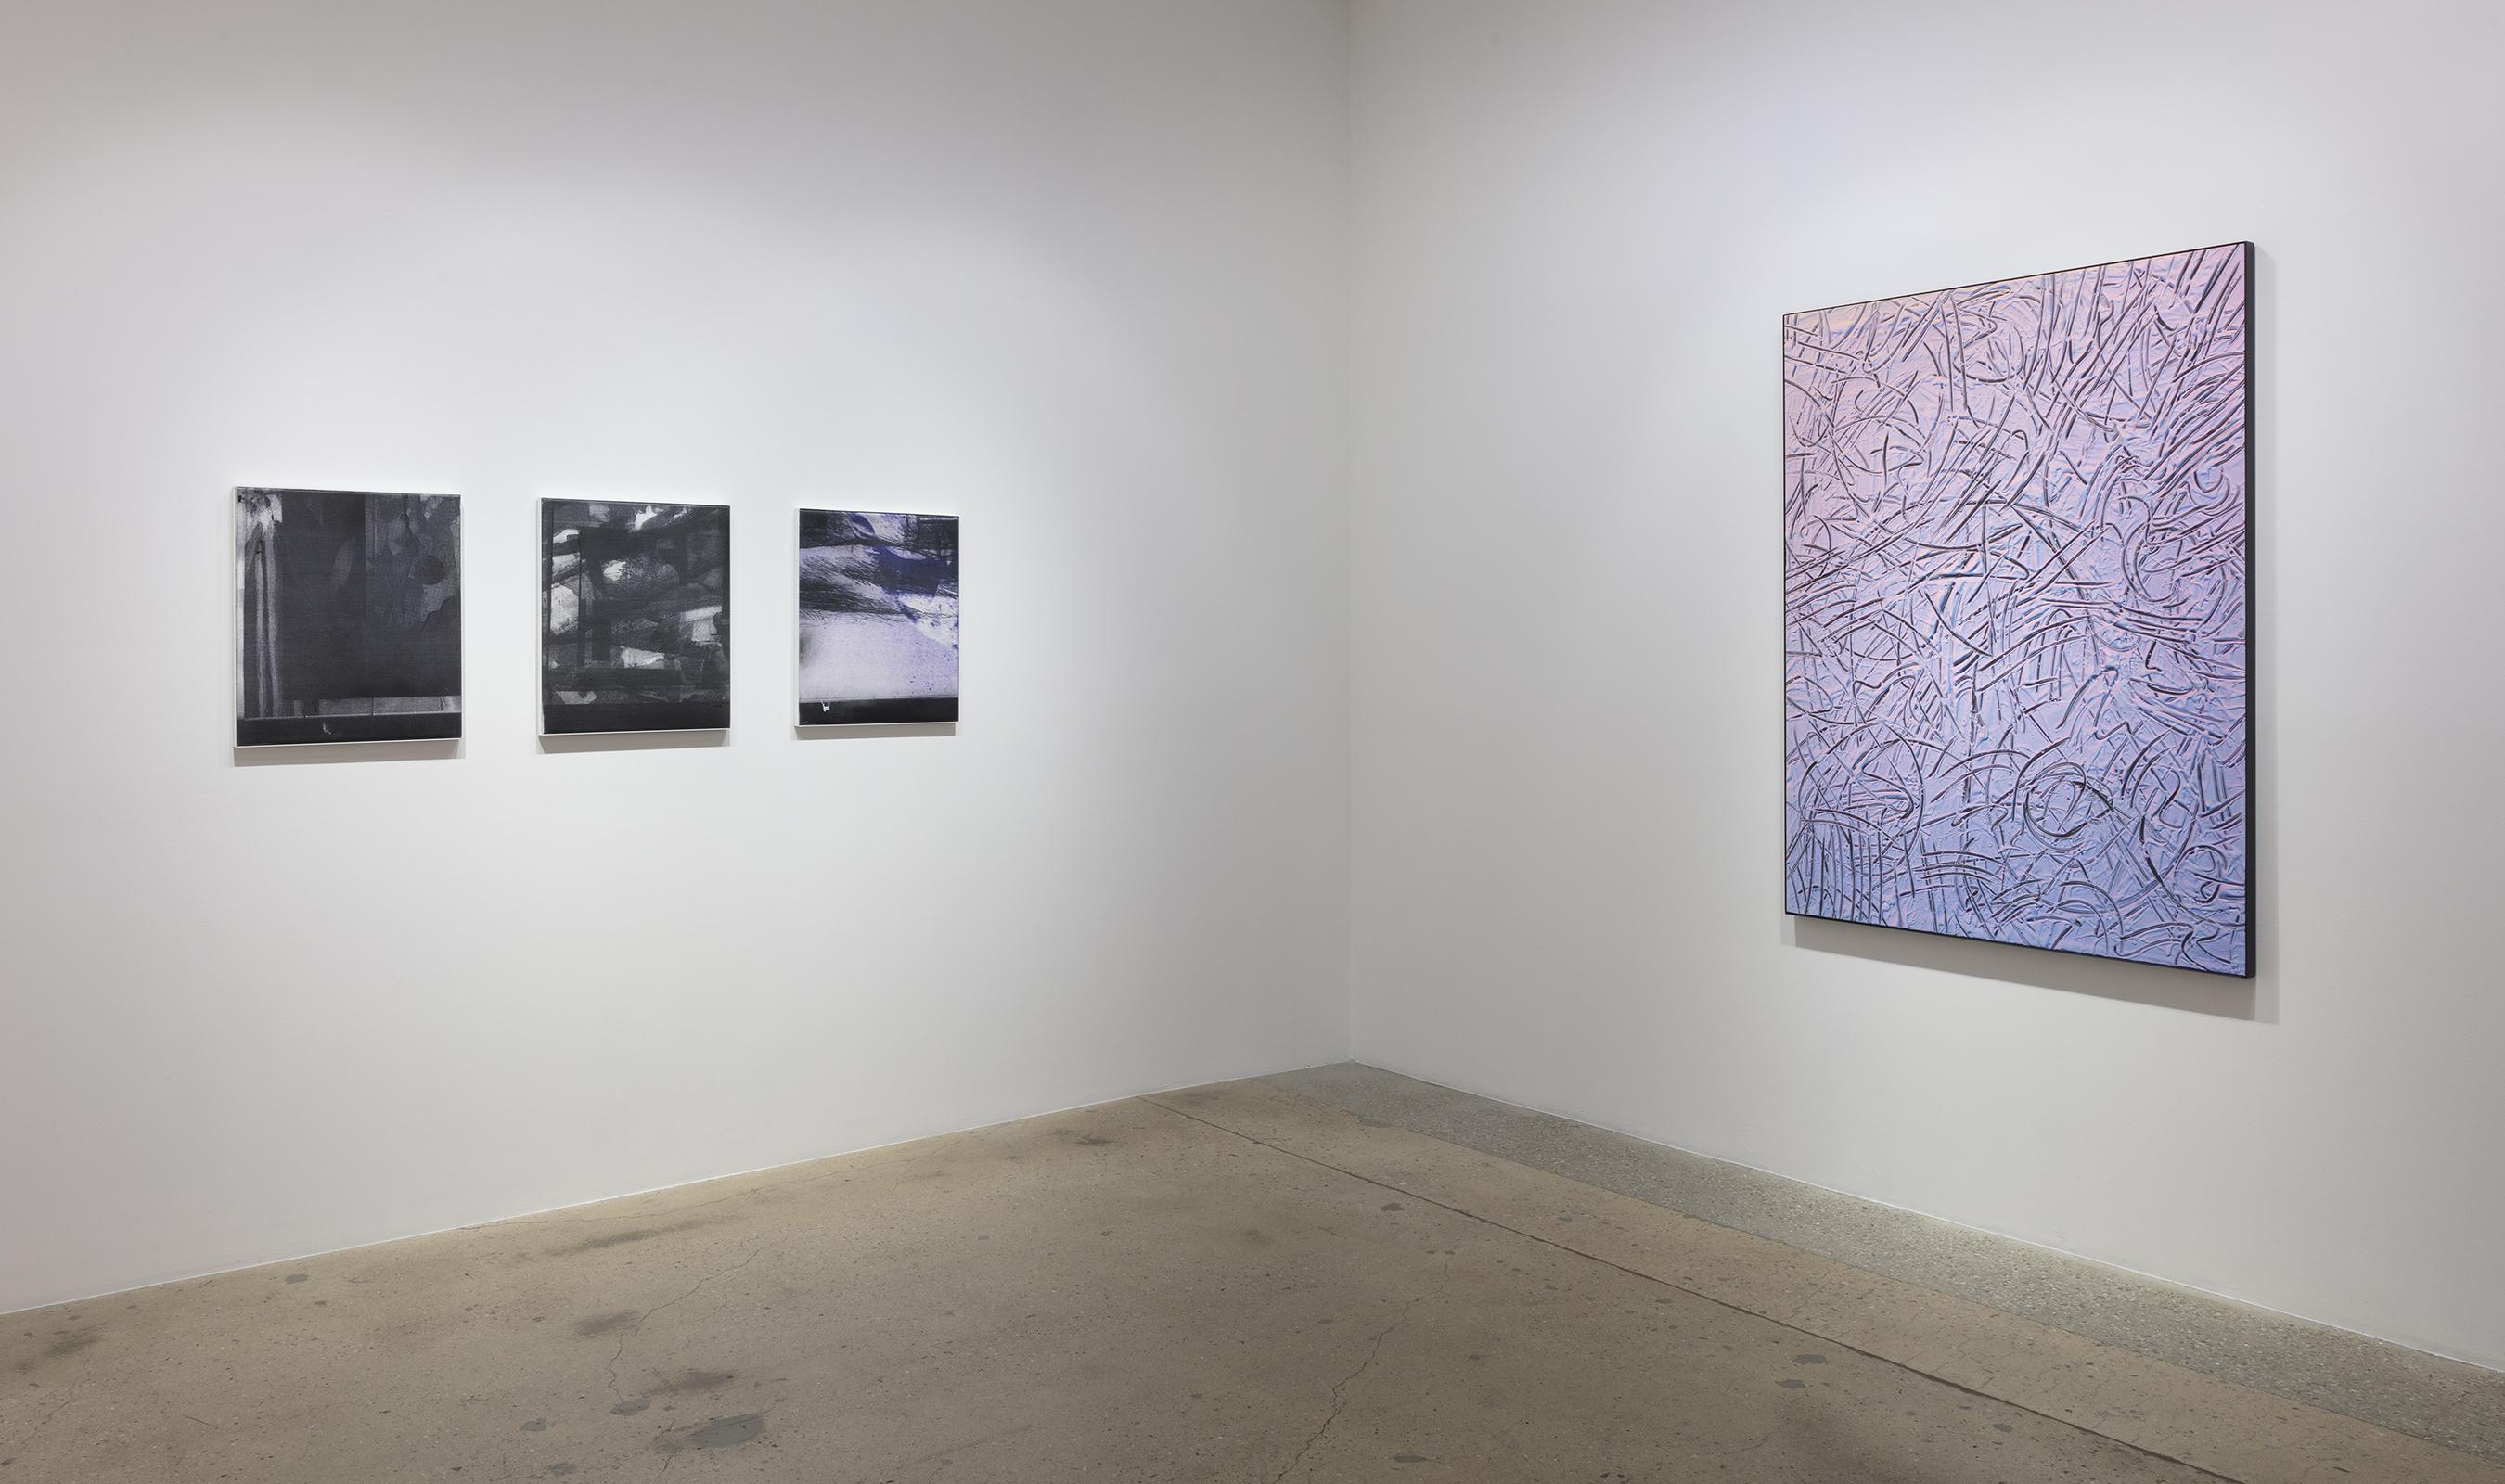 <em>Double Vision</em>. Installation view, Steve Turner, 2018